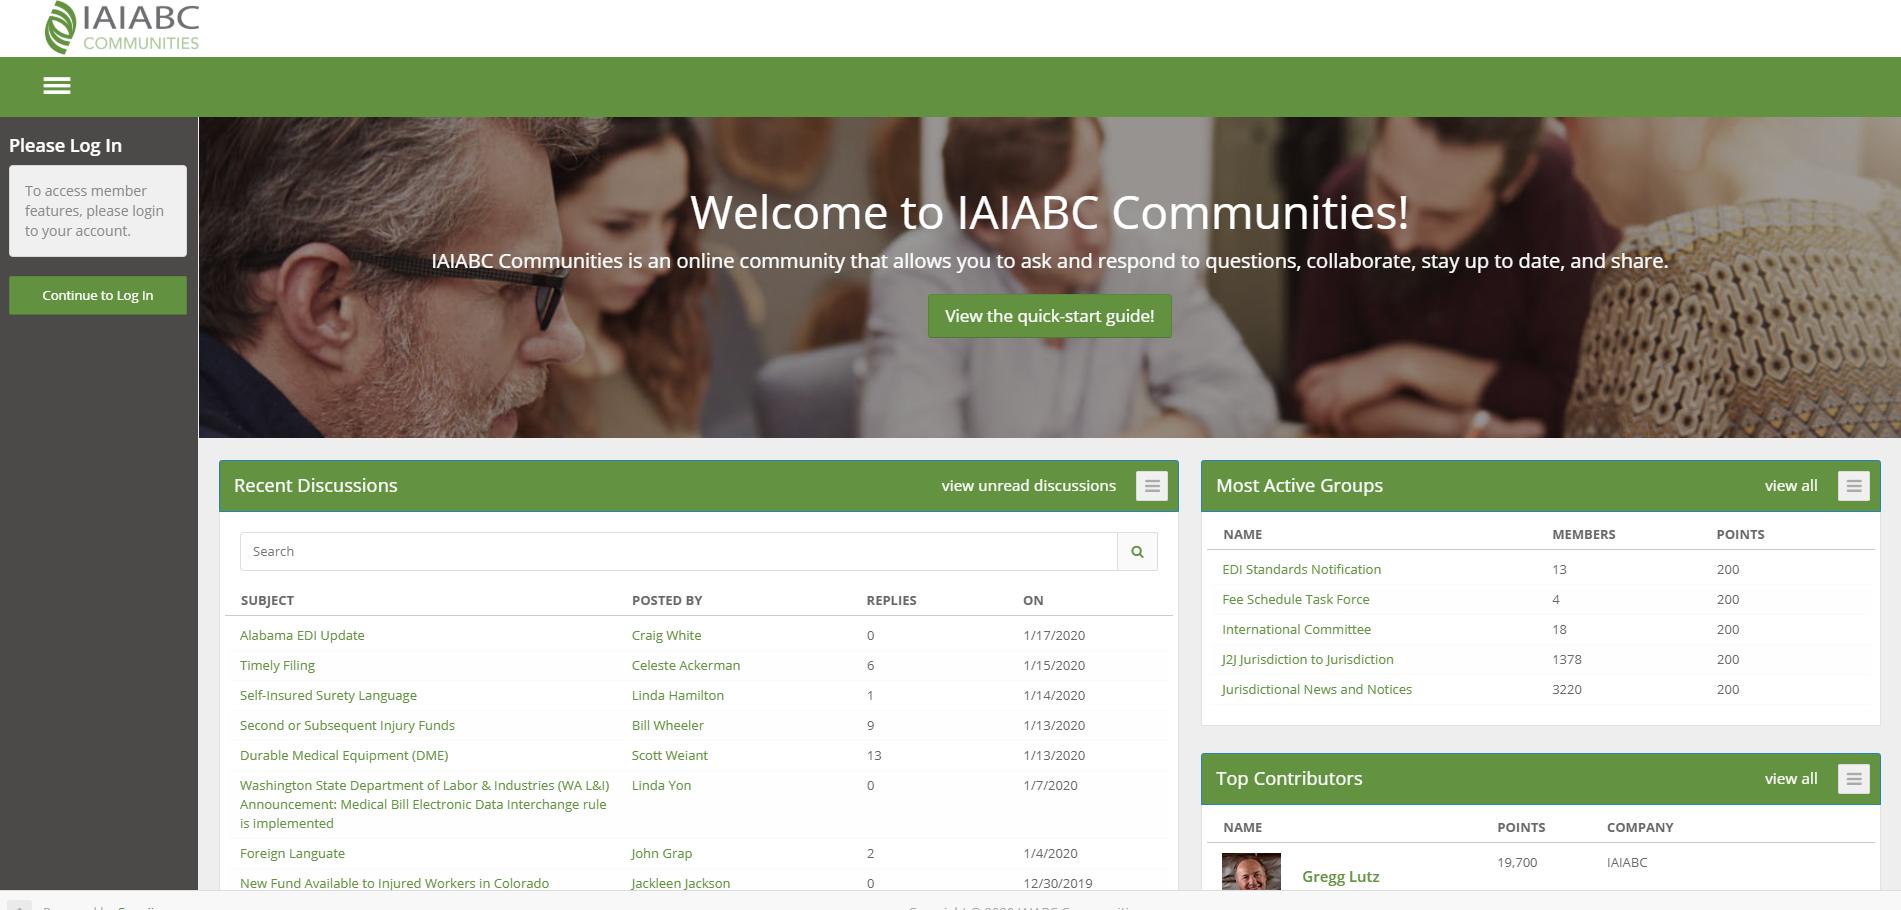 IAIABC Community